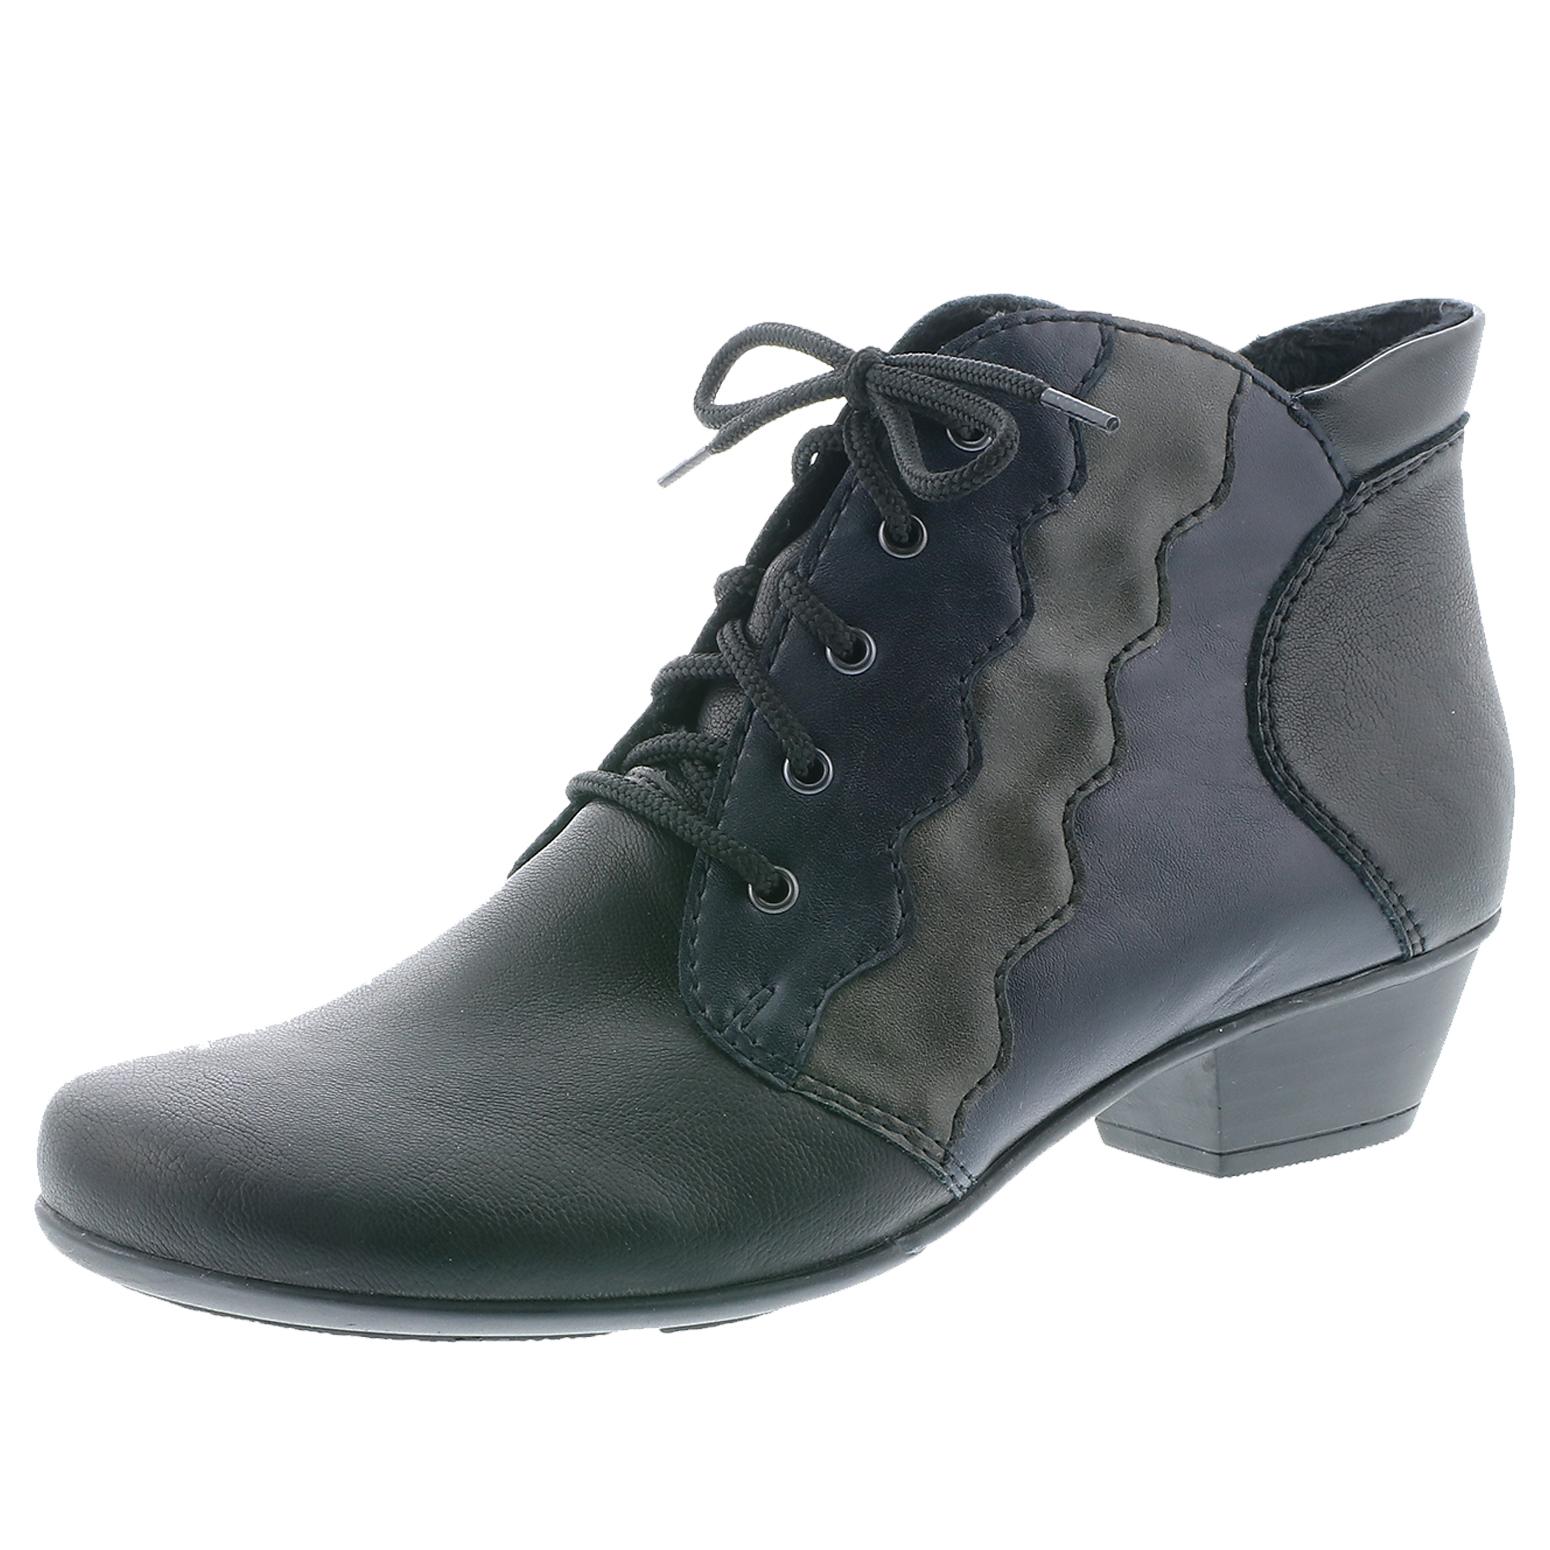 Rieker Y7331 00 Damen Stiefel Stiefeletten Ankle Boots